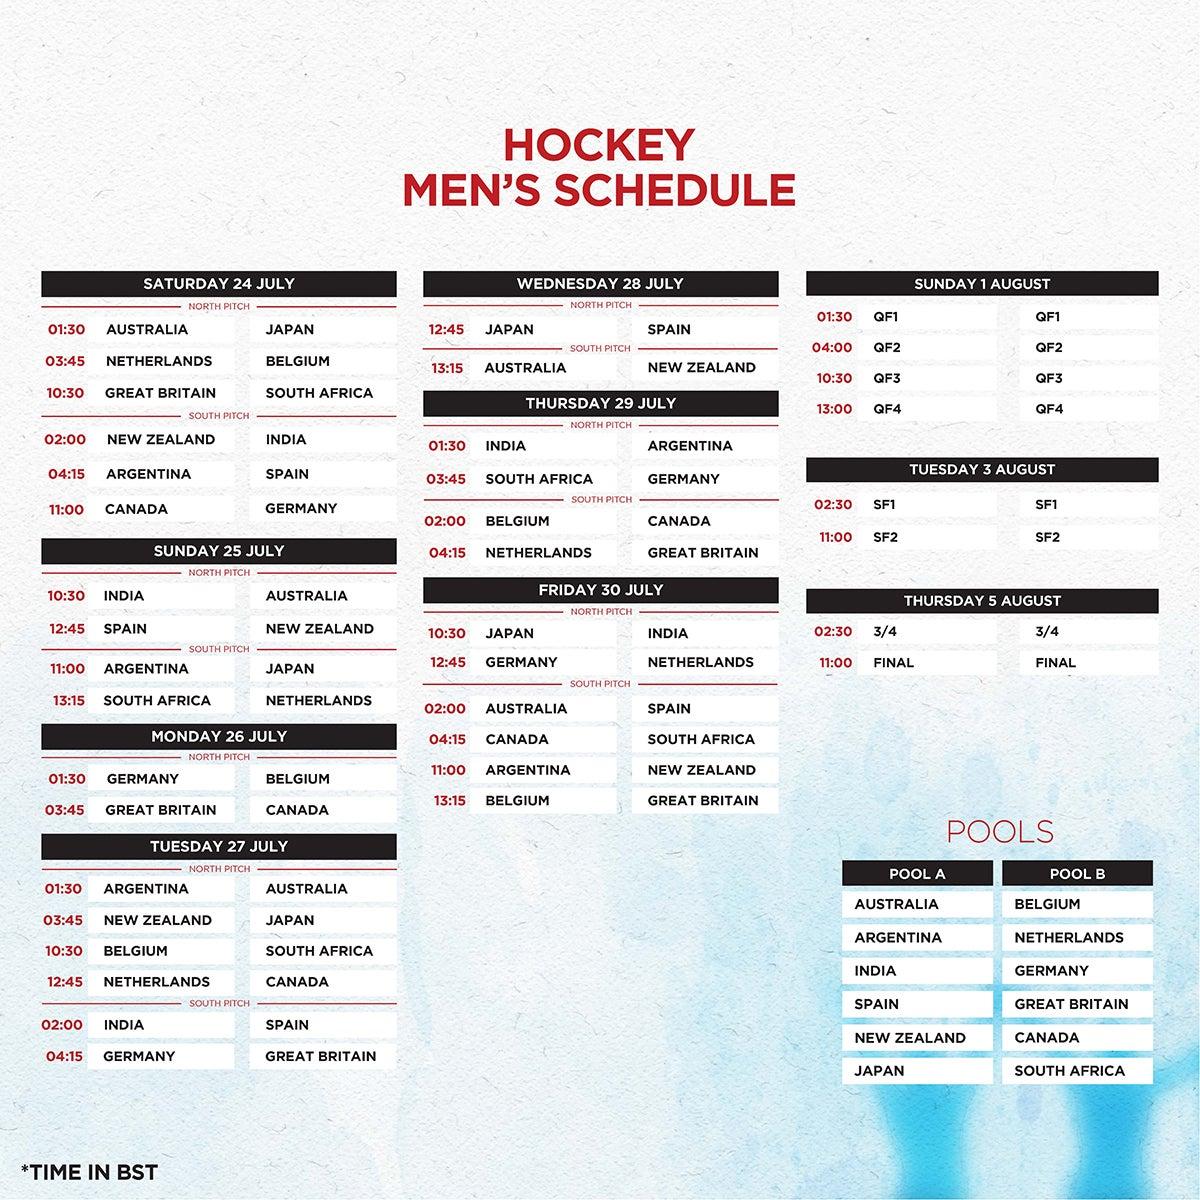 Tokyo 2020 Men's Hockey Schedule